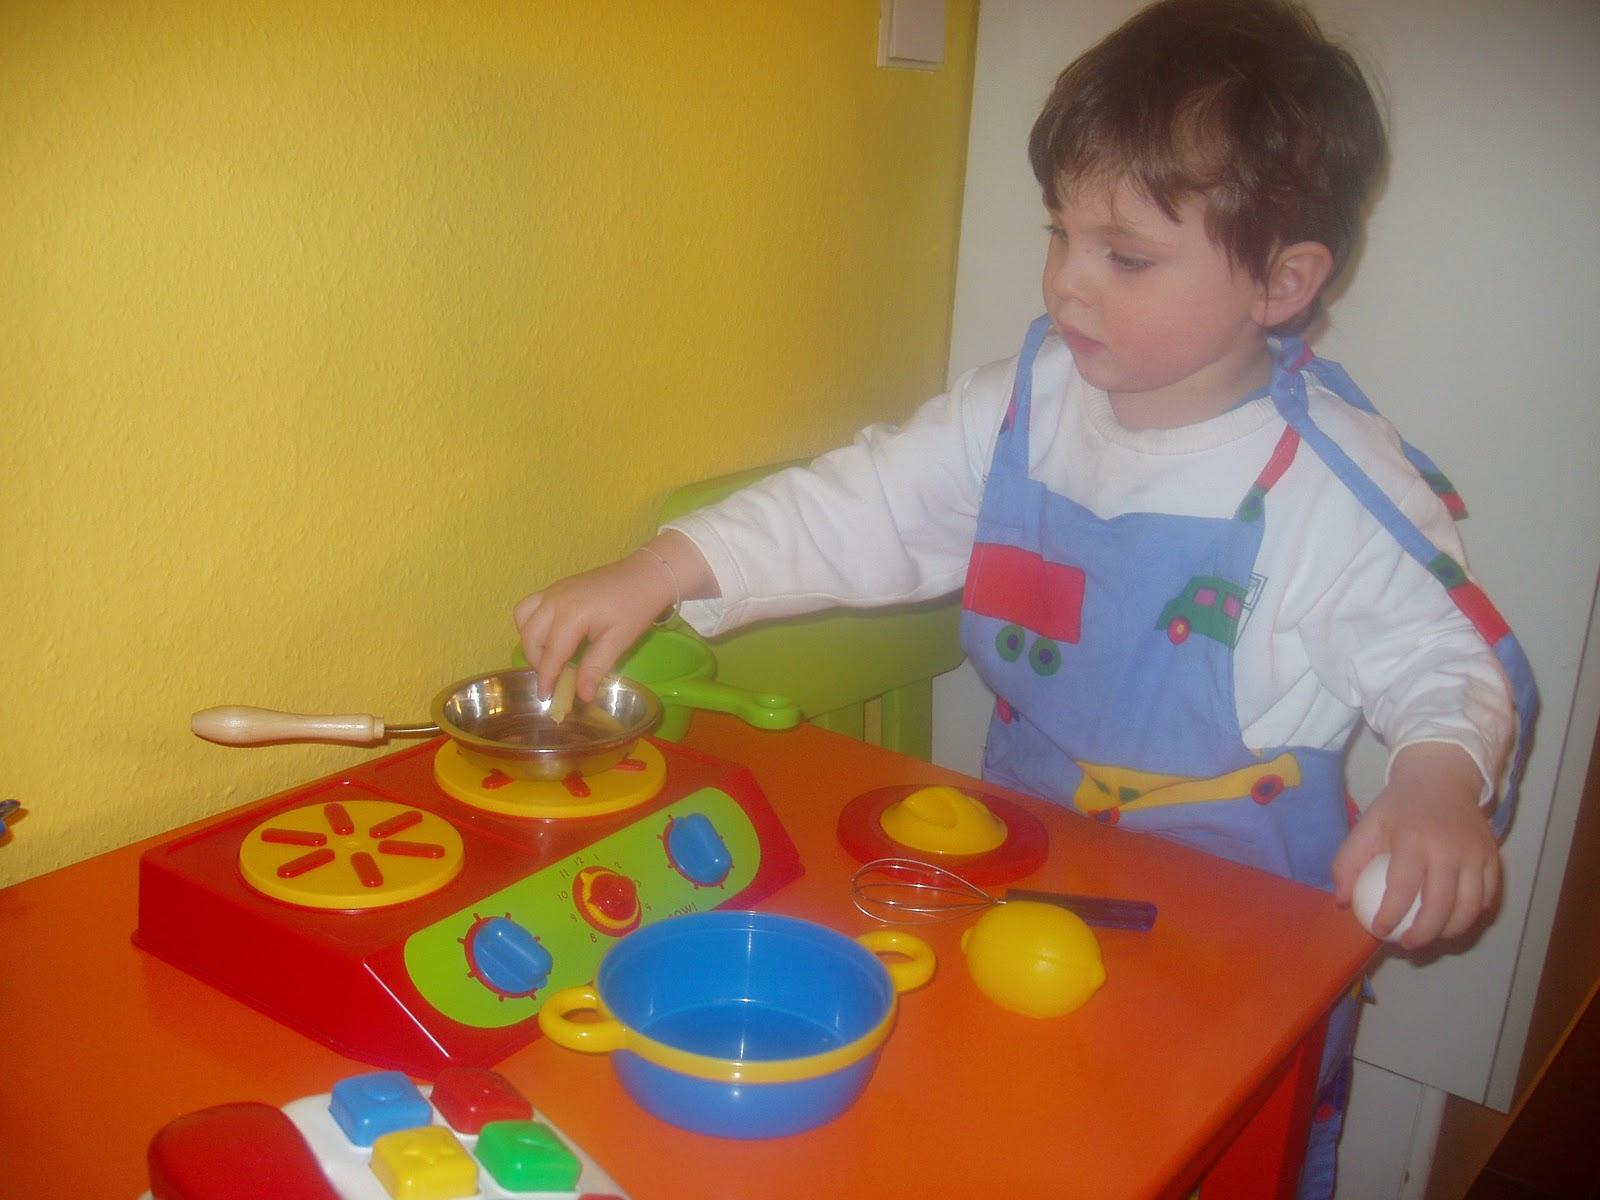 Autismo 0 juego 2 actualizado home environment - Juegos para aprender a cocinar ...